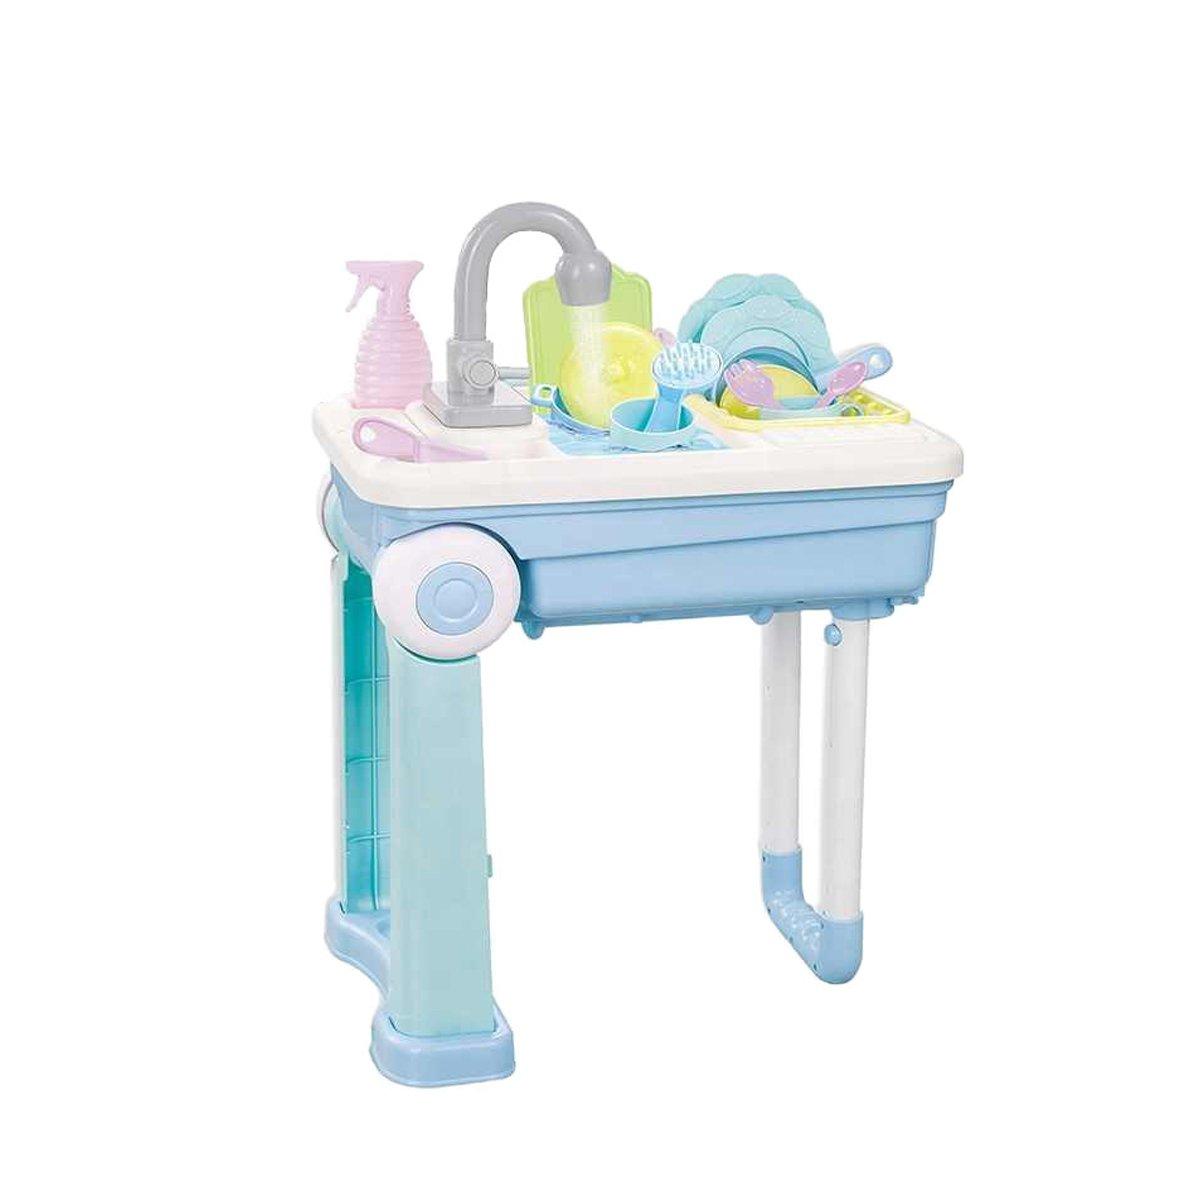 ست اسباب بازی آشپزخانه مدل سینک ظرفشویی کد 5646